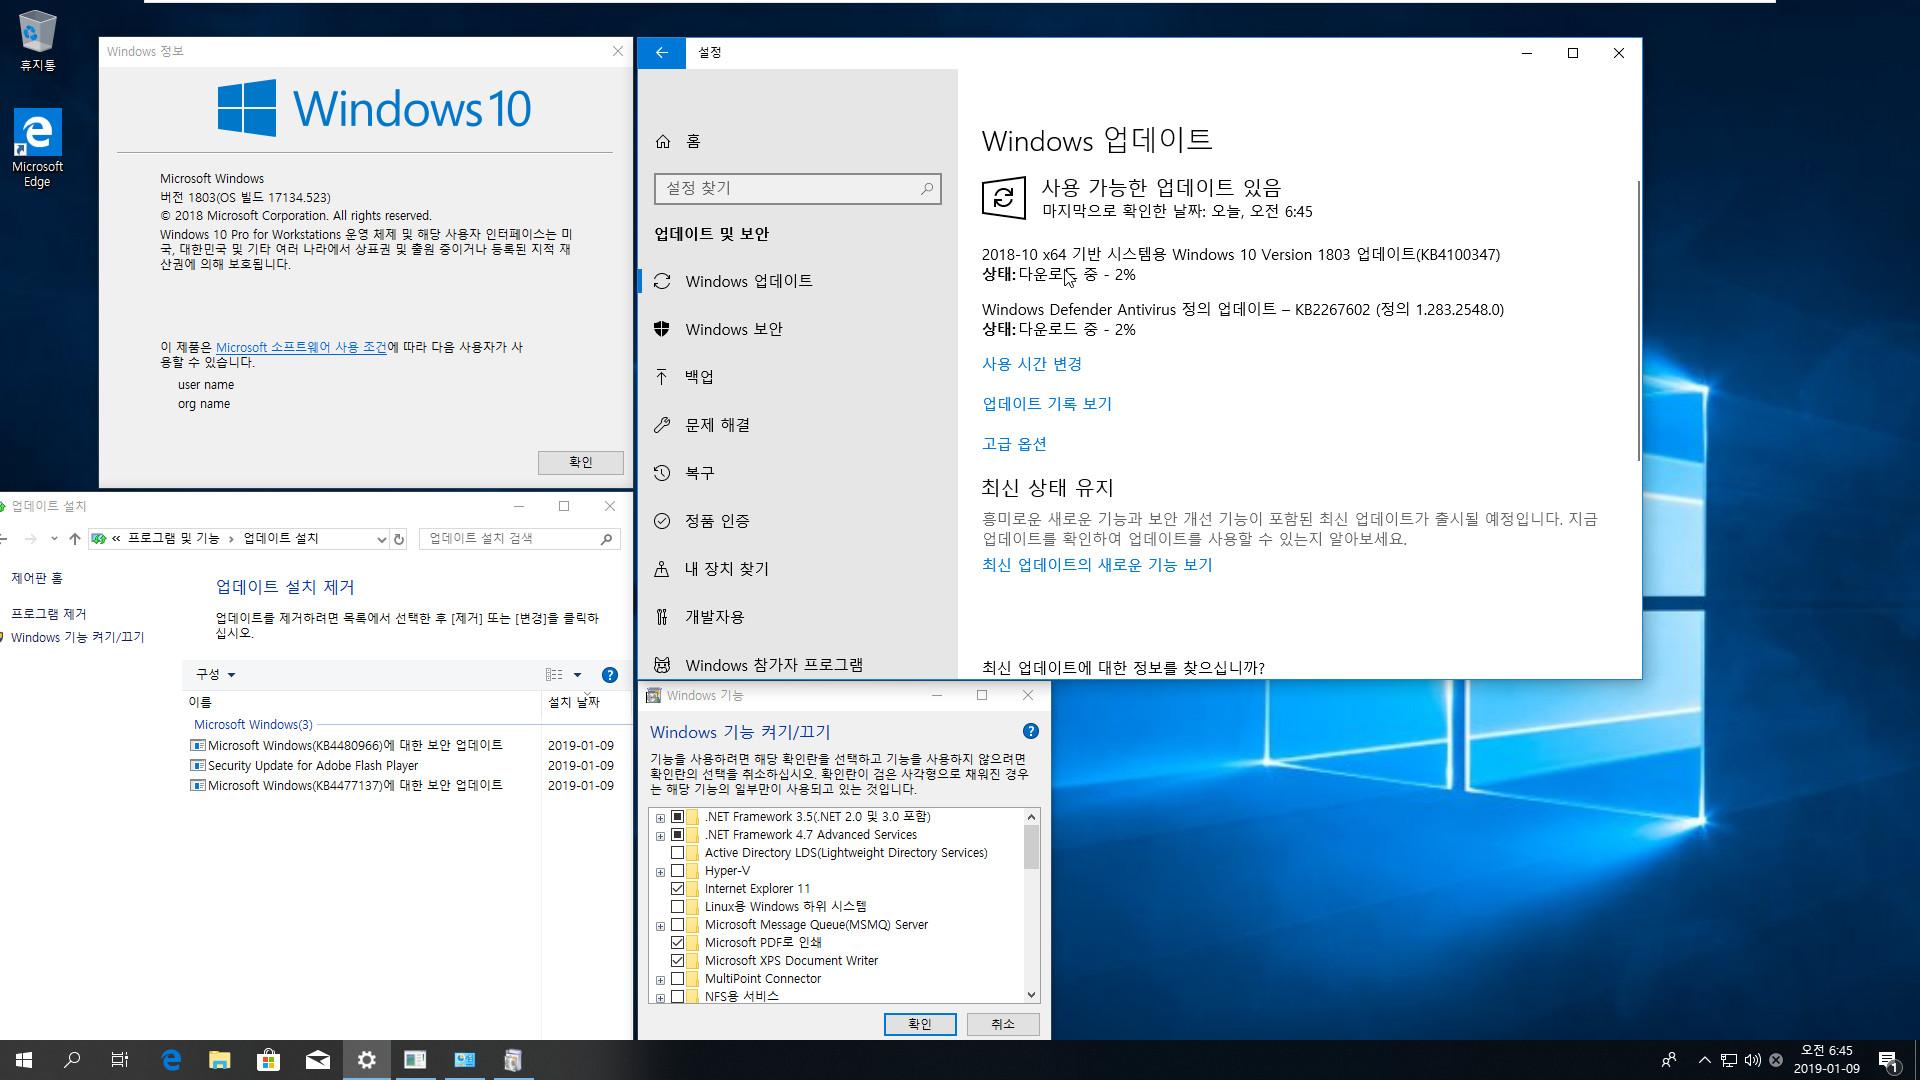 2019년 1월 9일 정기 업데이트 나왔네요 - Windows 10 버전1803용 누적 업데이트 KB4480966 (OS 빌드 17134.523) 통합중 입니다 2019-01-09_064524.jpg